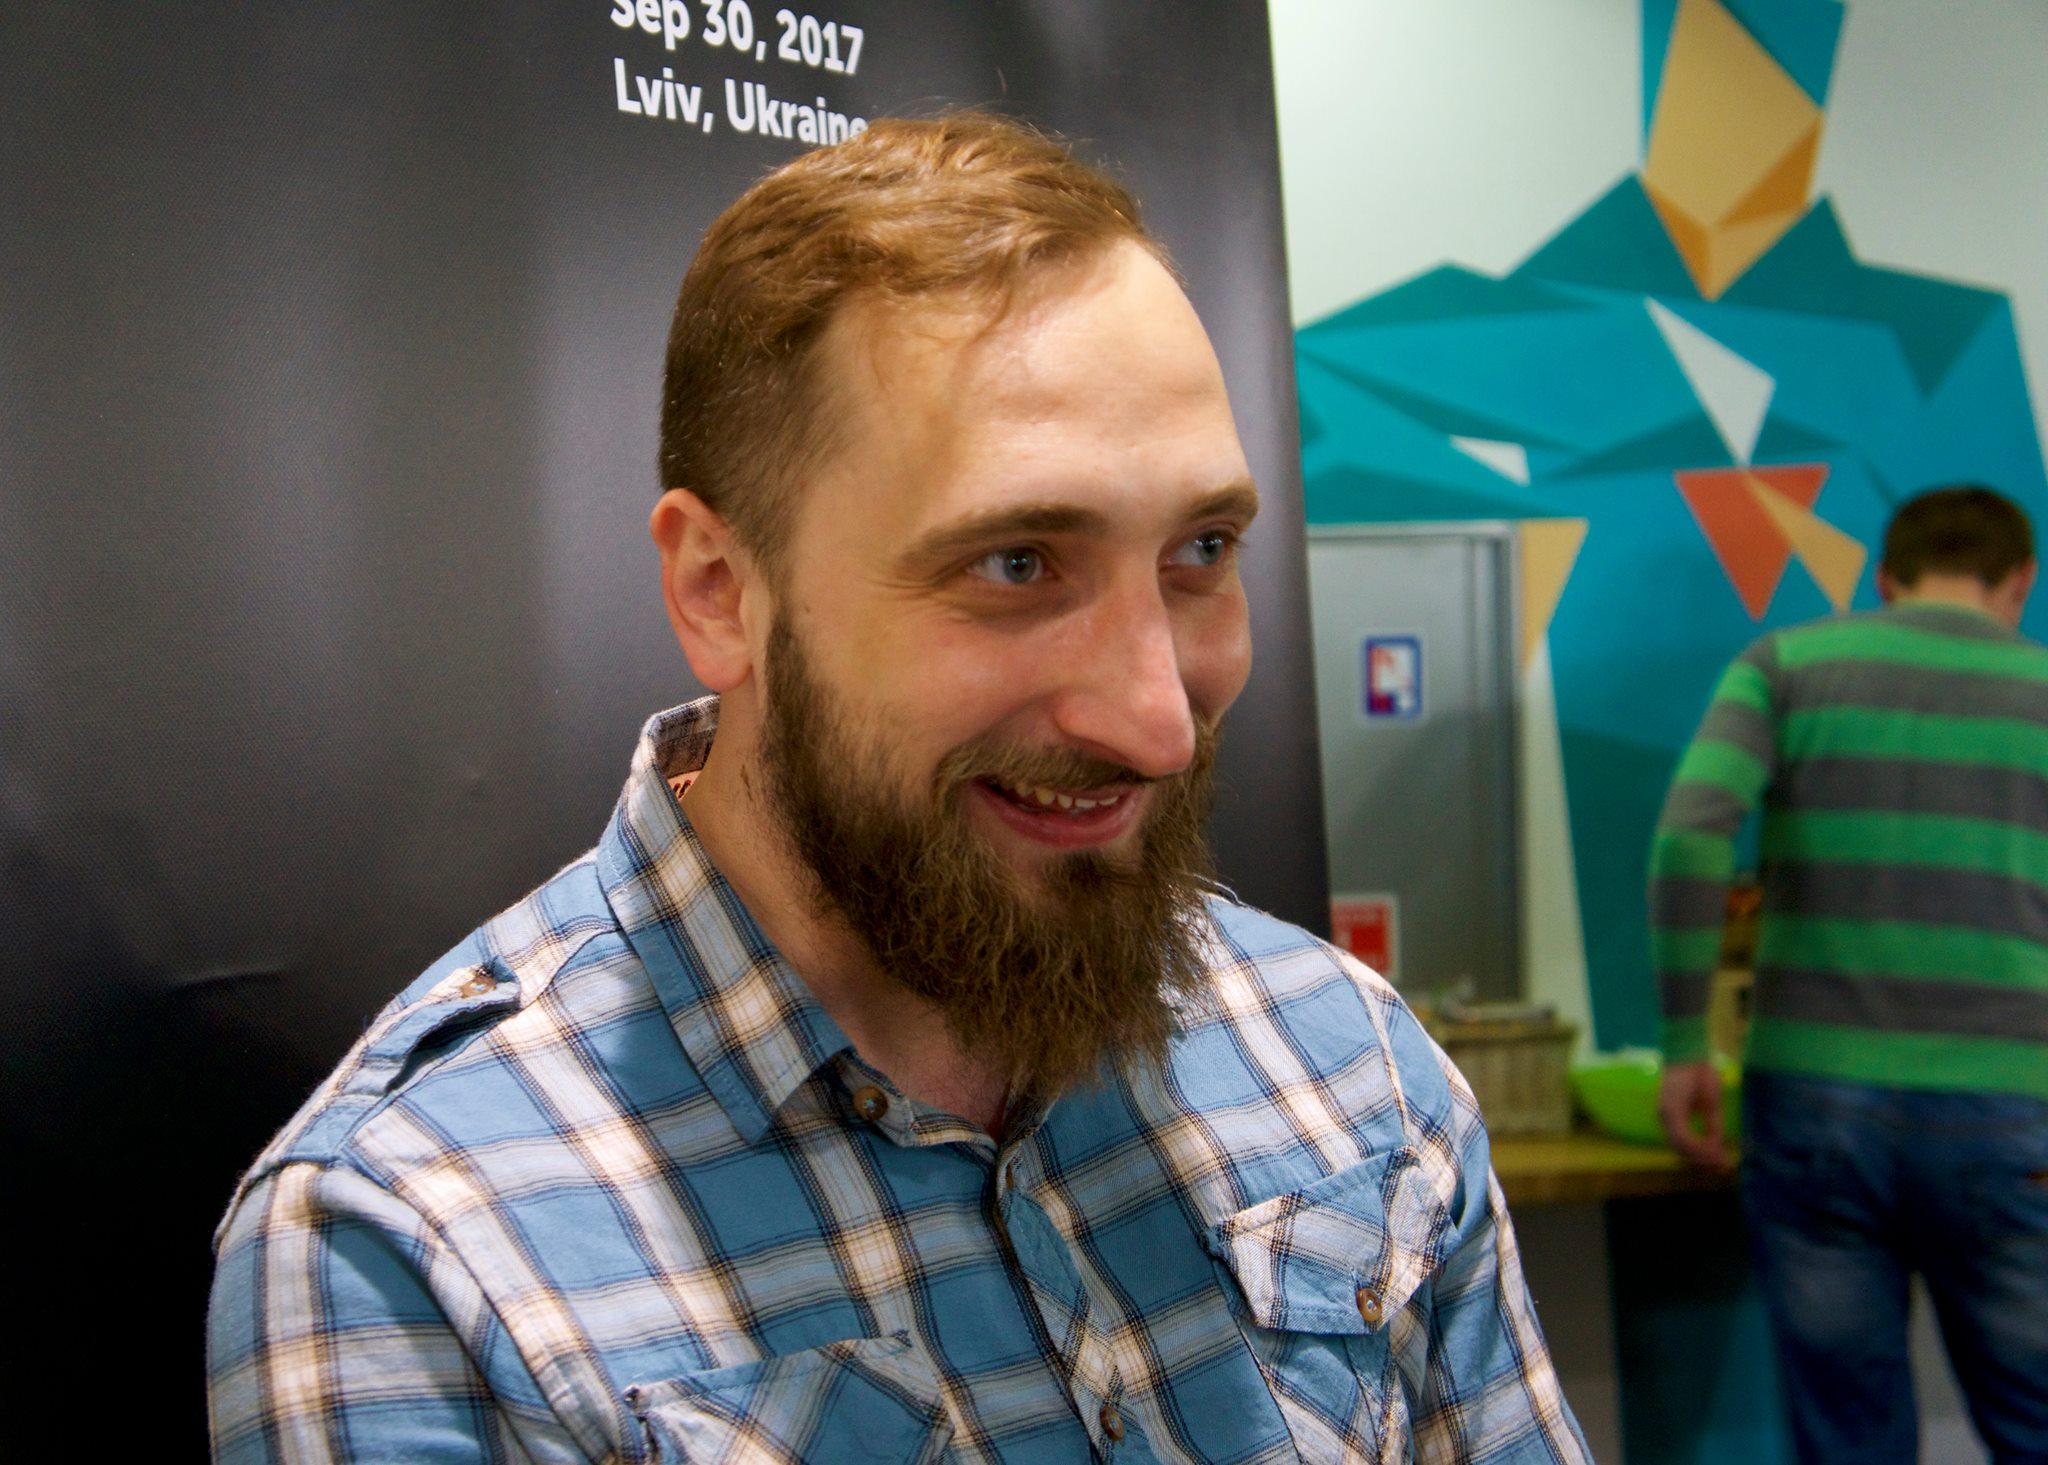 Дмитро Софина, Vinnytsia IT Cluster: «Це — 6-е місто в Україні за кількістю IT-фахівців»